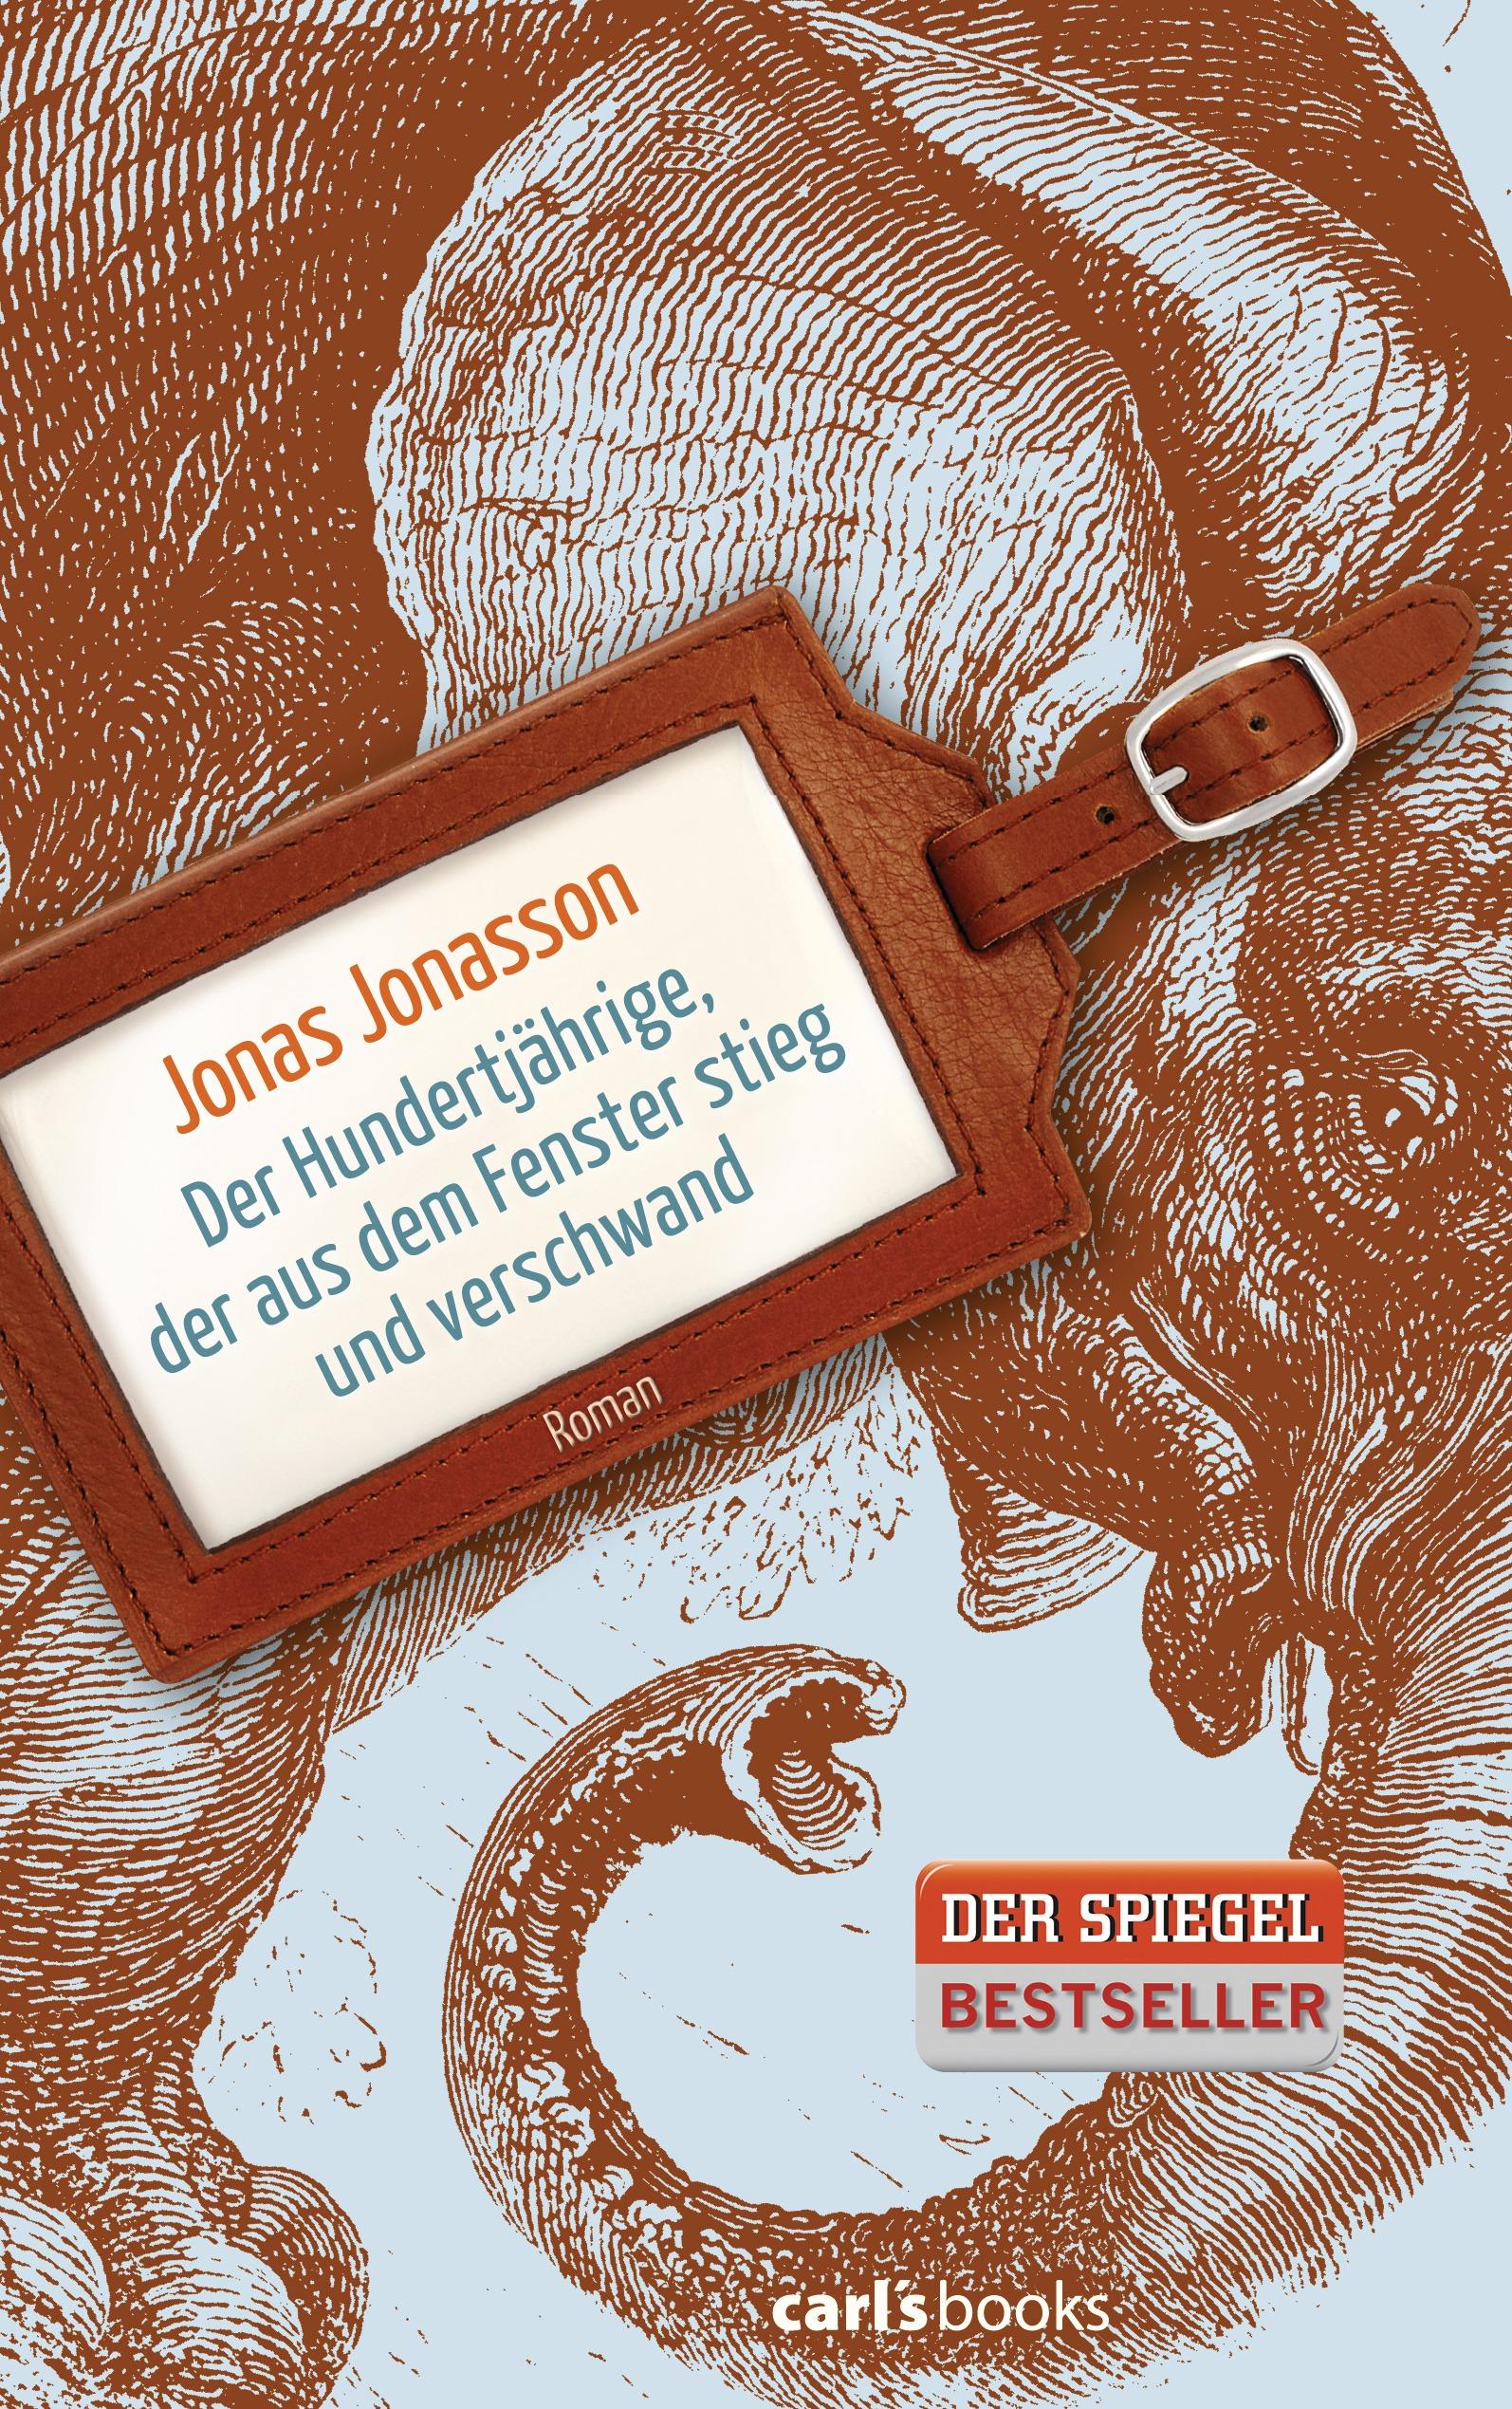 Der Hundertjaehrige der aus dem Fenster stieg und verschwand von Jonas Jonasson